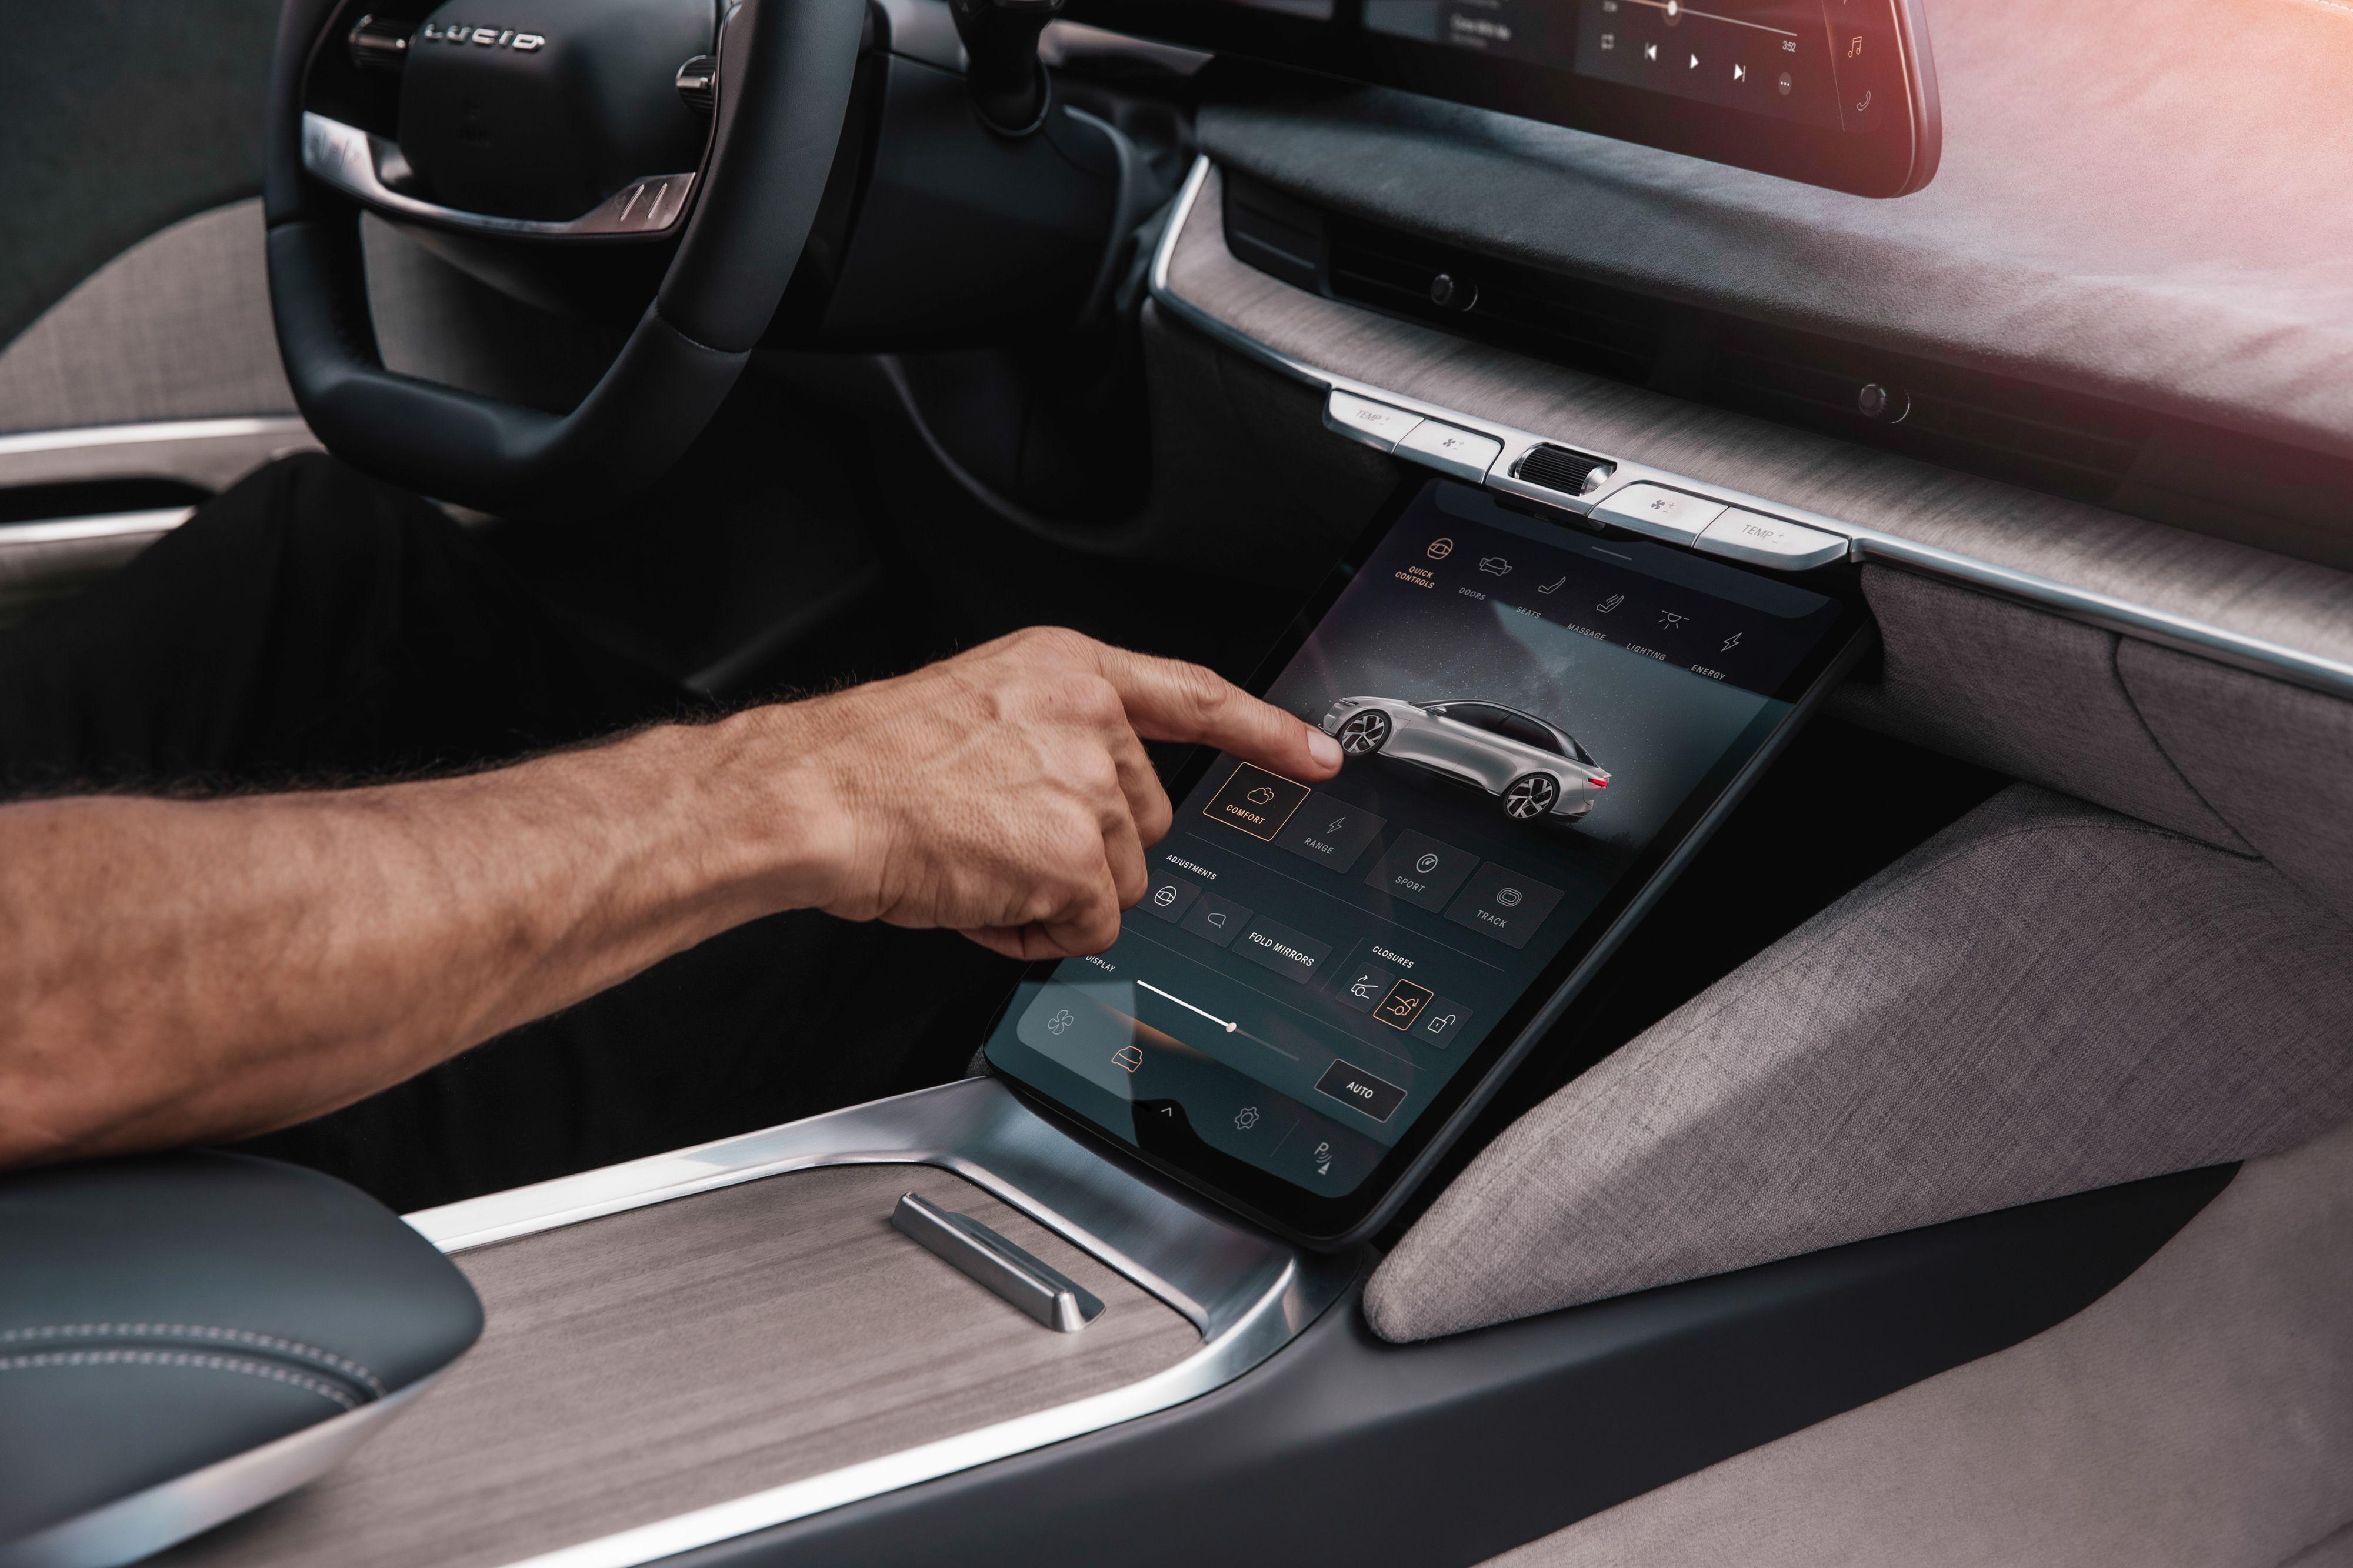 Foran føreren finner du et kombinert instrumentpanel og infotainmentskjerm. I tillegg kommer denne skjermen i midtkonsollen.